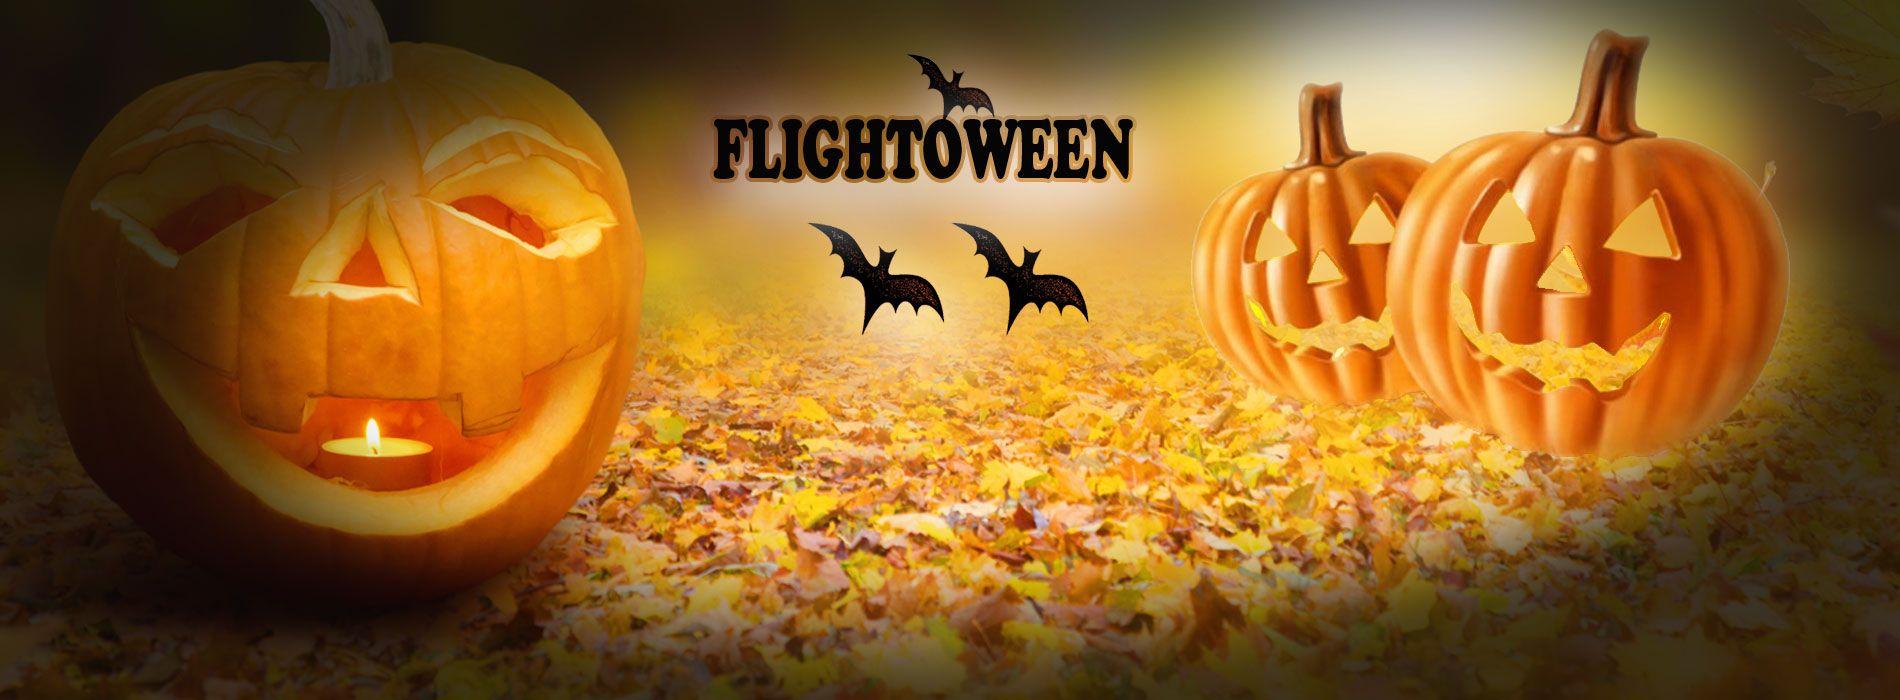 Cheap Halloween Flights, Halloween Air Travel Deals 2019